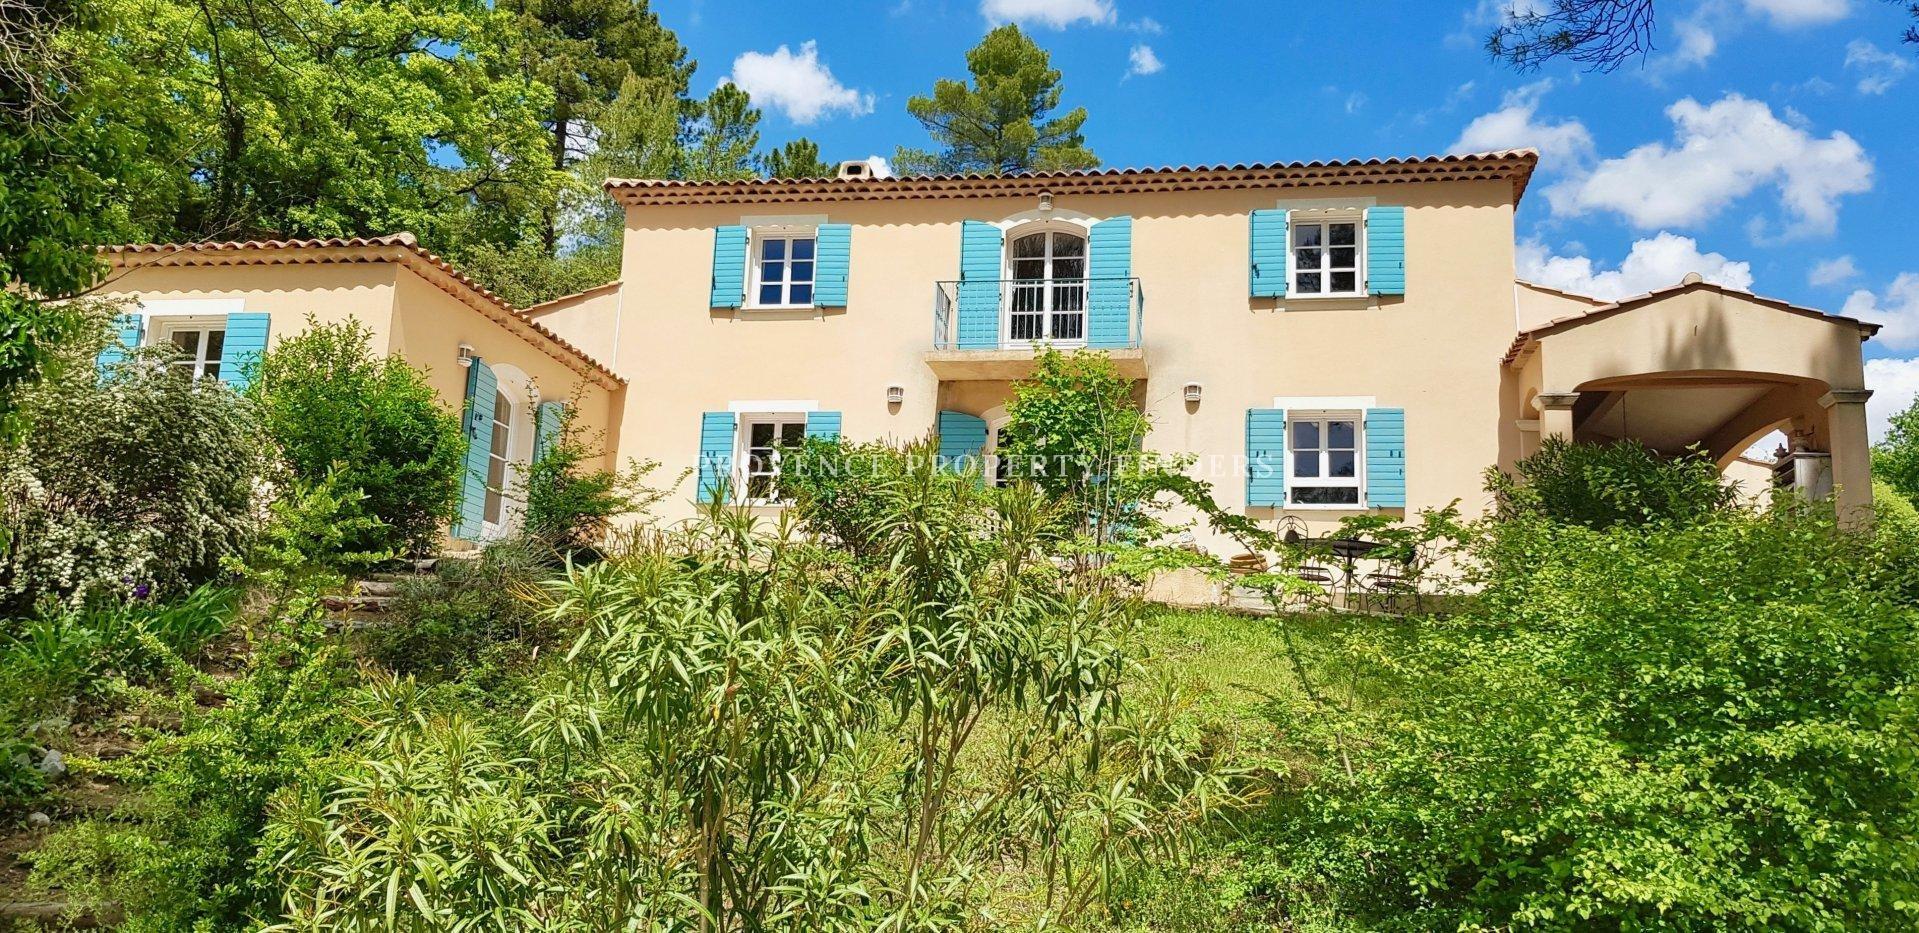 VERKOCHT  huis in Salernes.